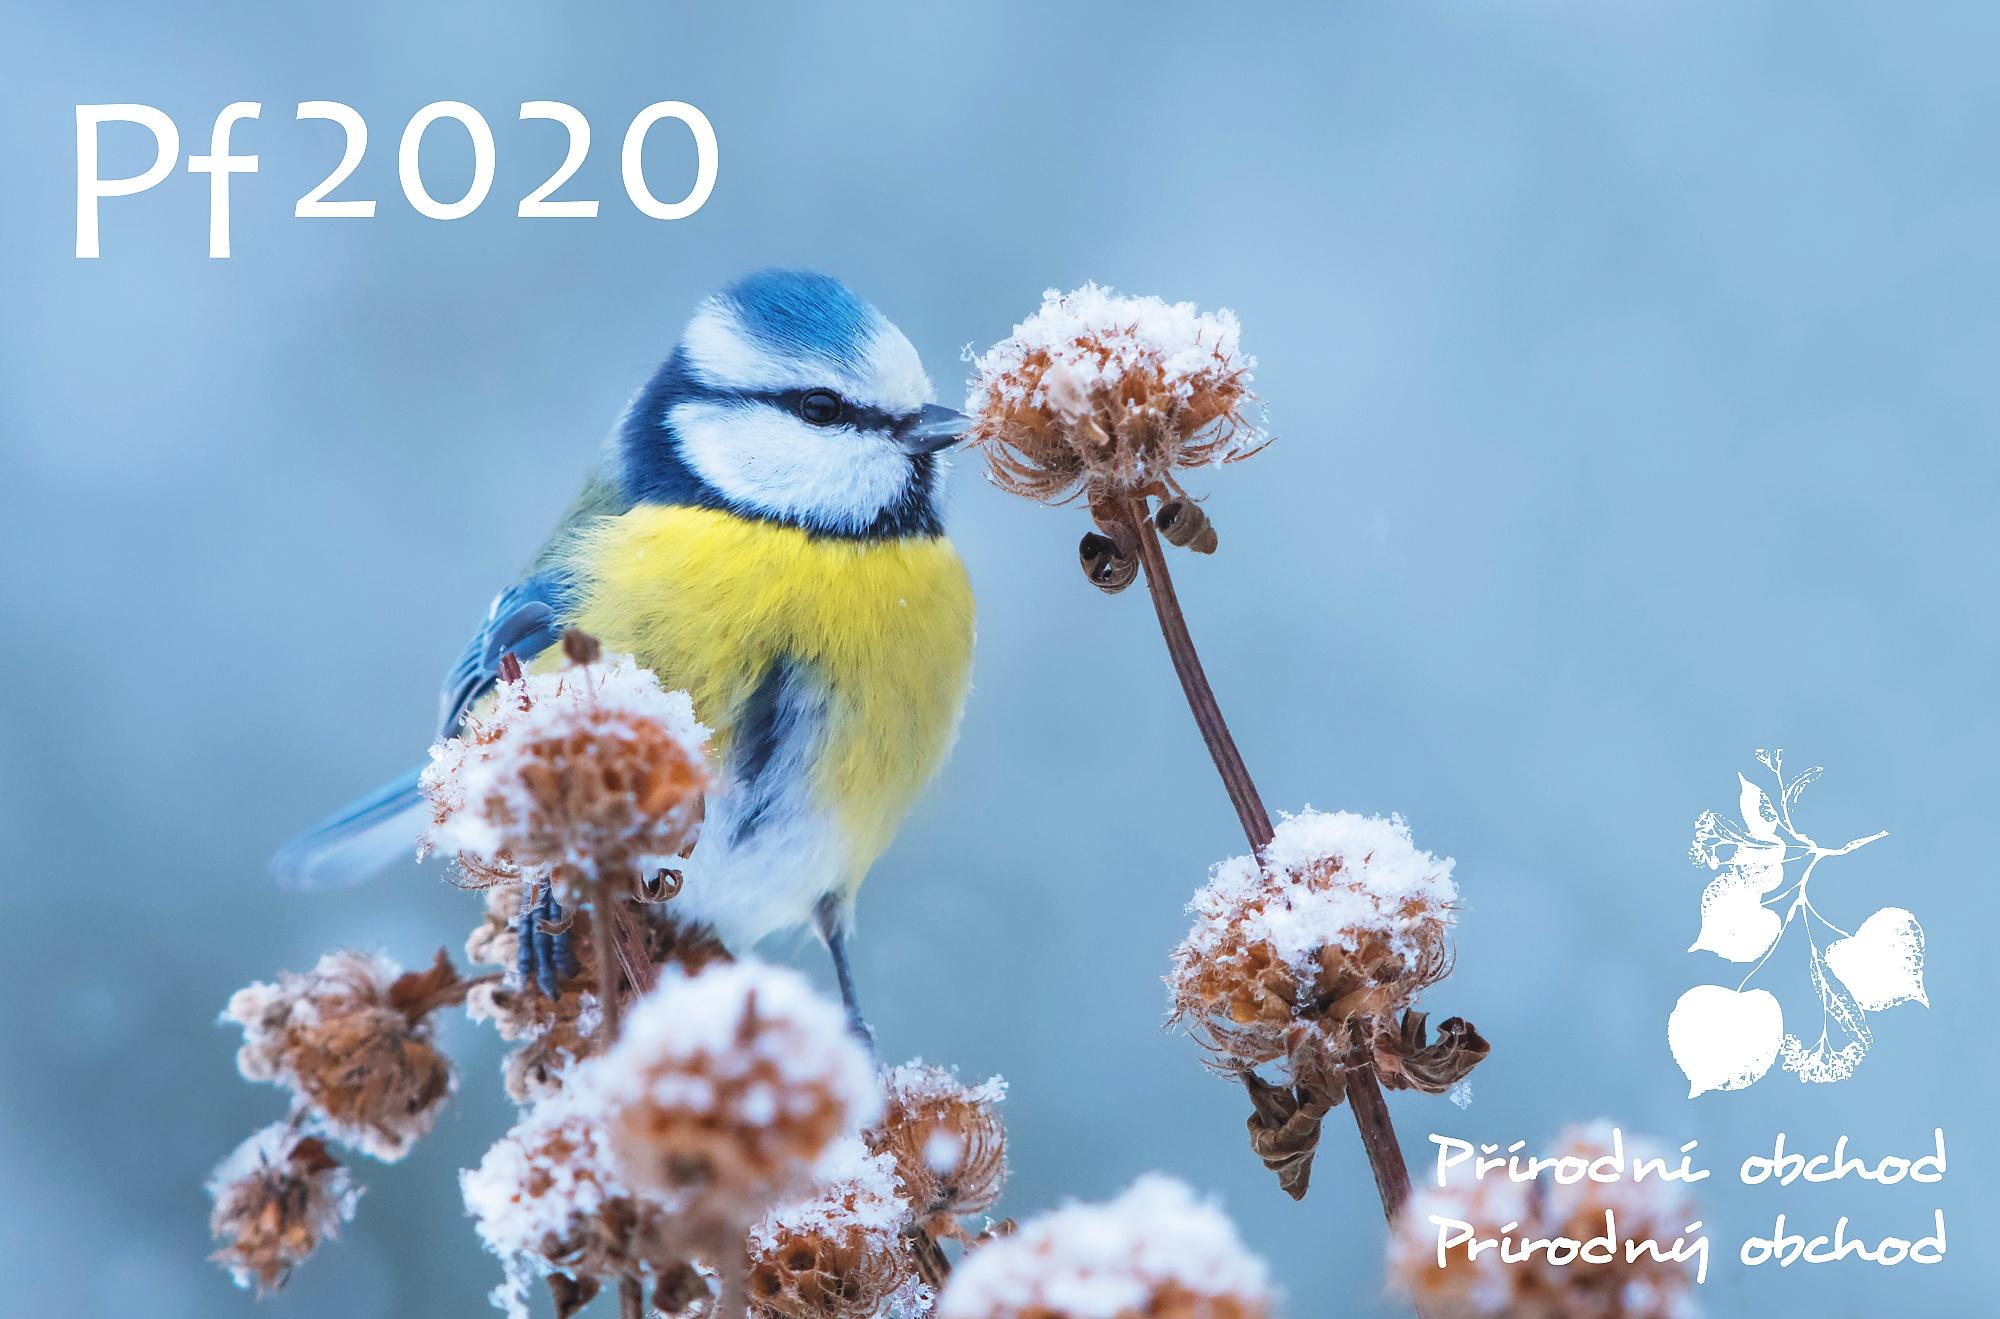 ŠŤASTNÝ NOVÝ ROK 2020!